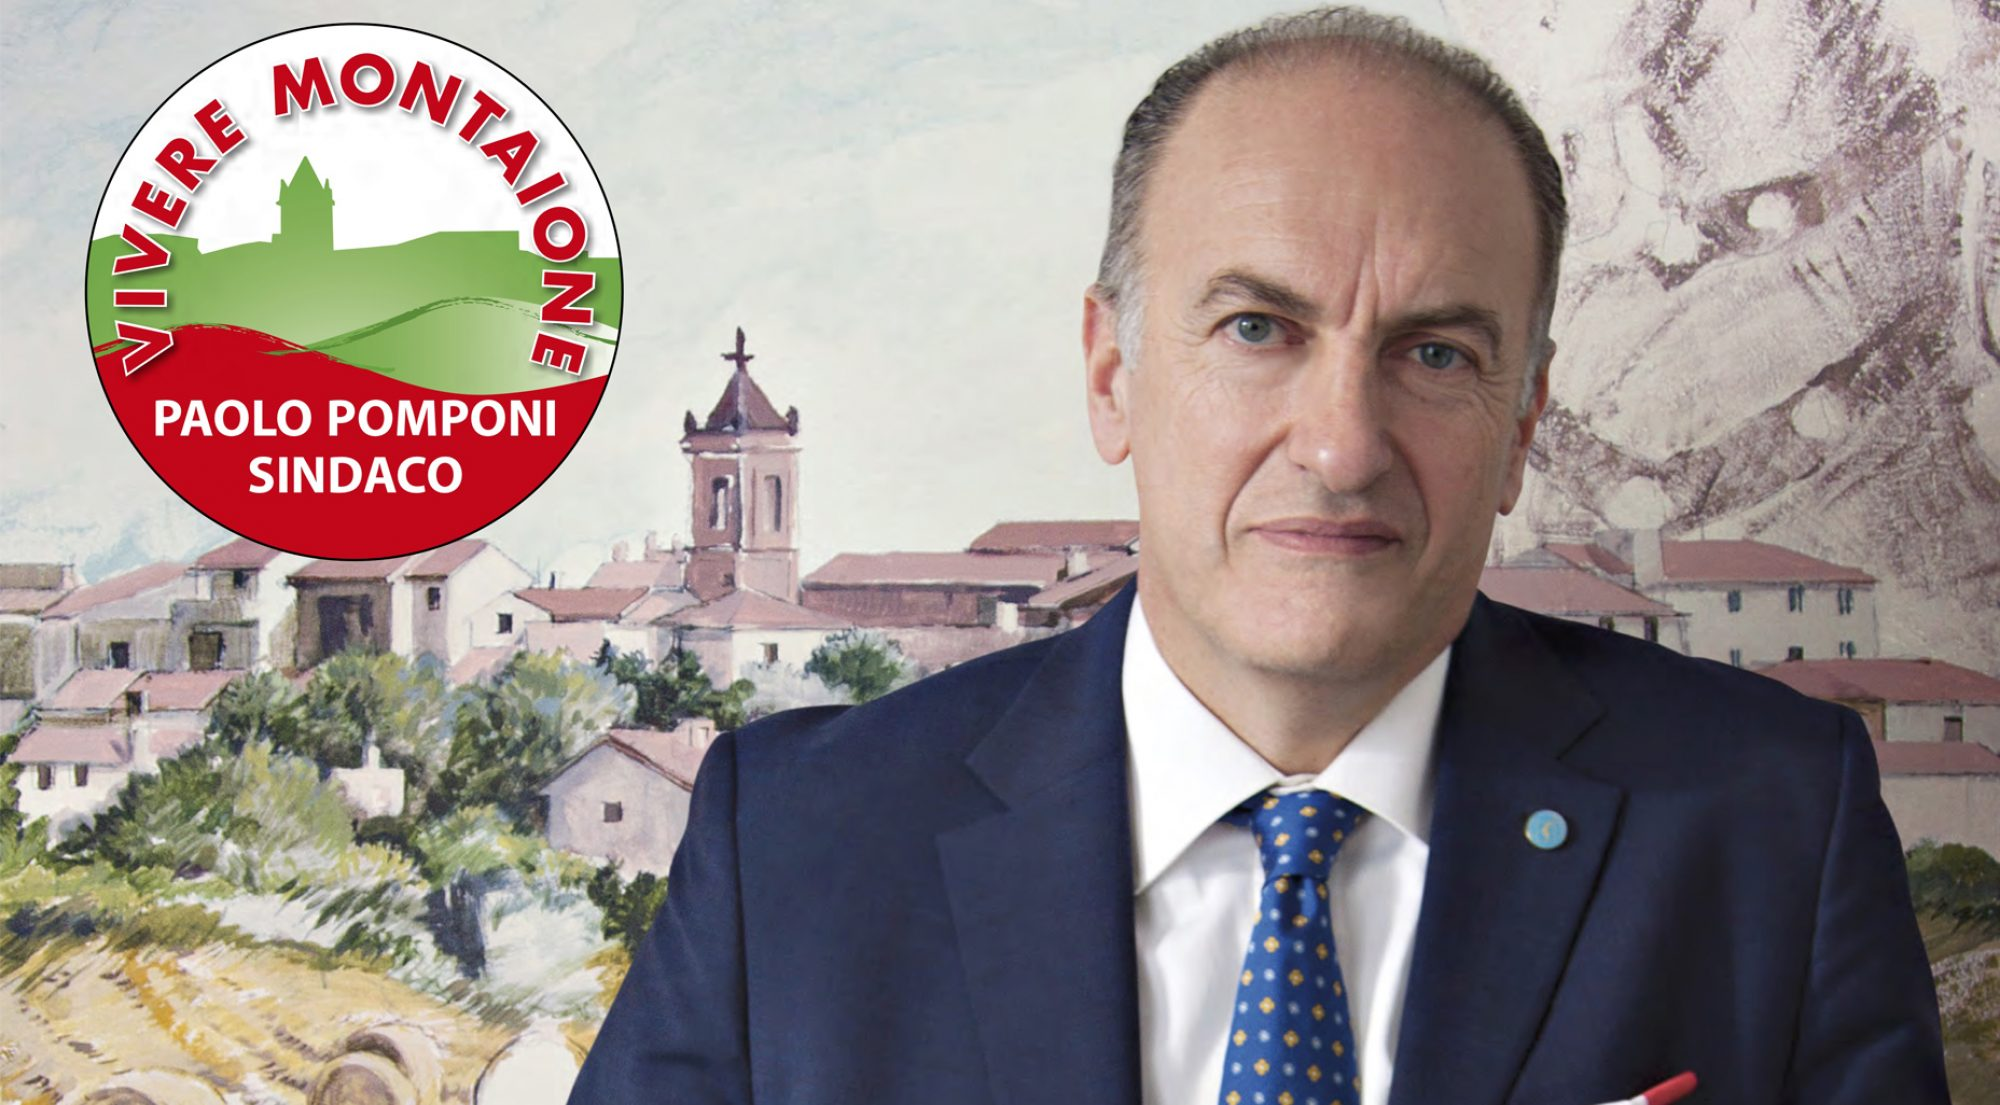 Vivere Montaione - Paolo Pomponi Sindaco con l'84,82%